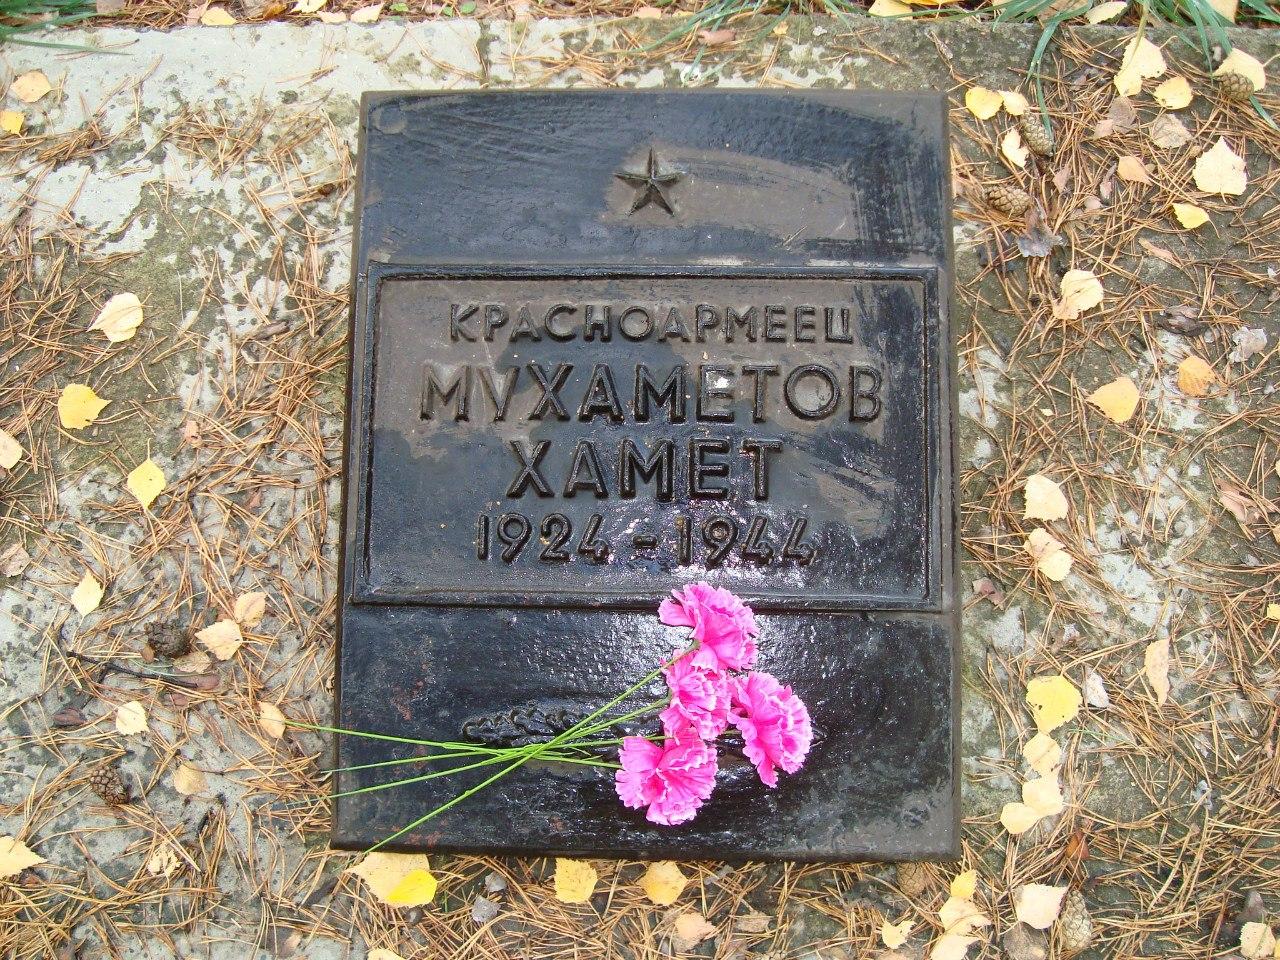 заельцовское кладбище новосибирск электронная карта